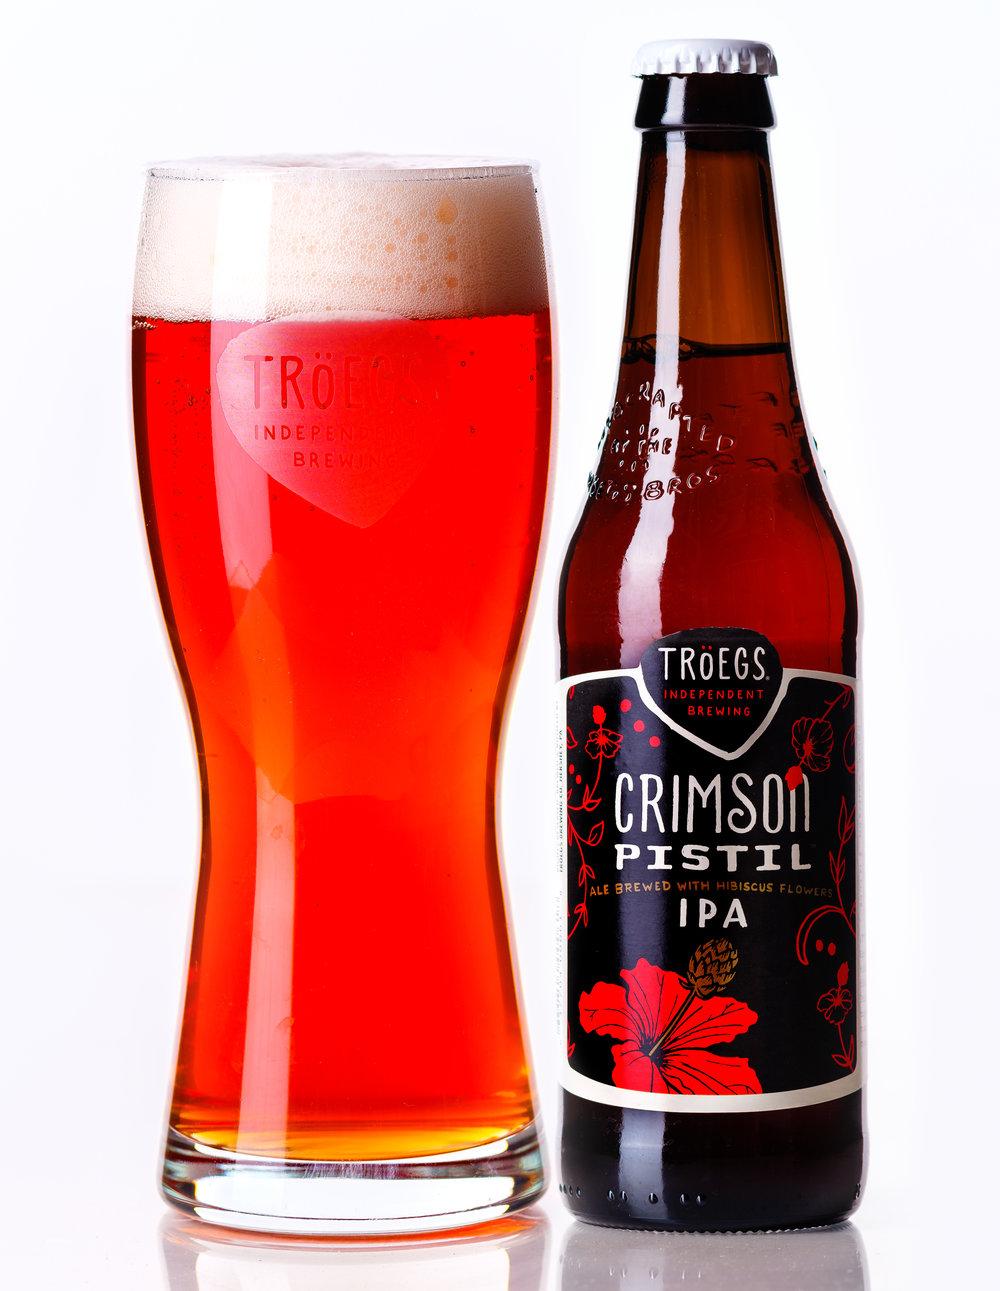 Crimson Pistil Pour and Bottle-001.jpg